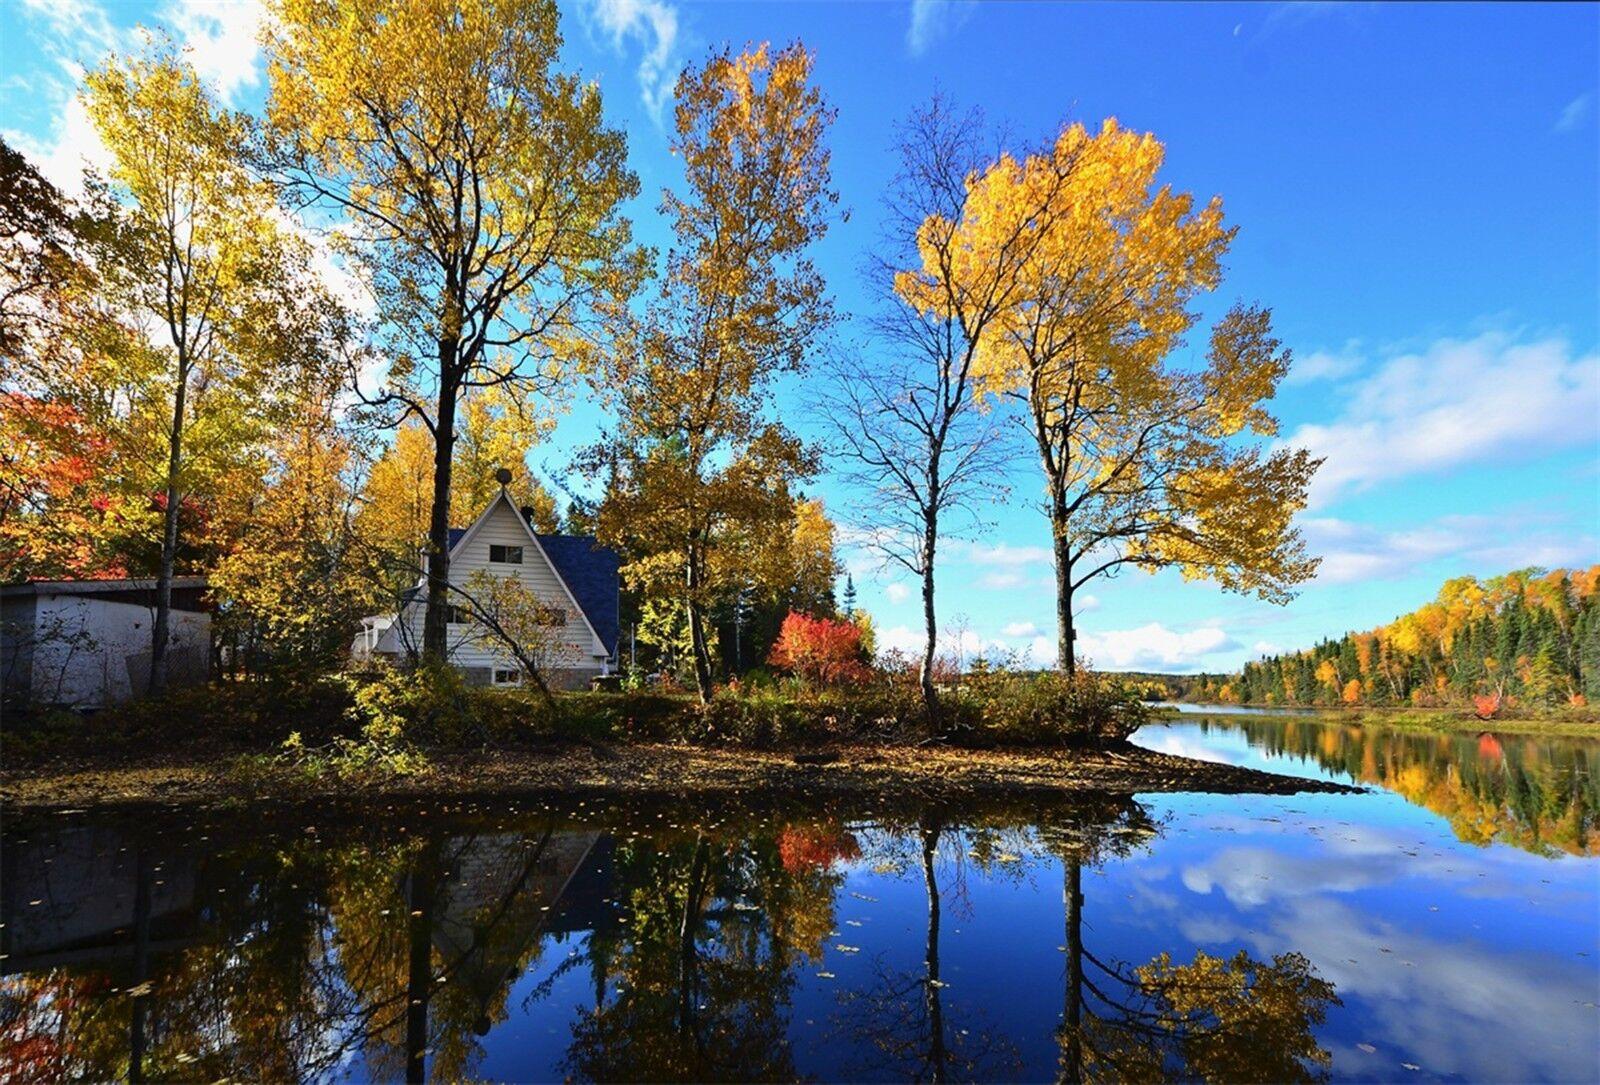 3D Himmel Landschaft Landschaft Landschaft Stadt 7893 Tapete Wandgemälde Tapeten Bild Familie DE Lemon | Kostengünstig  | Ausgezeichnetes Preis  | Preisreduktion  aa0ecf